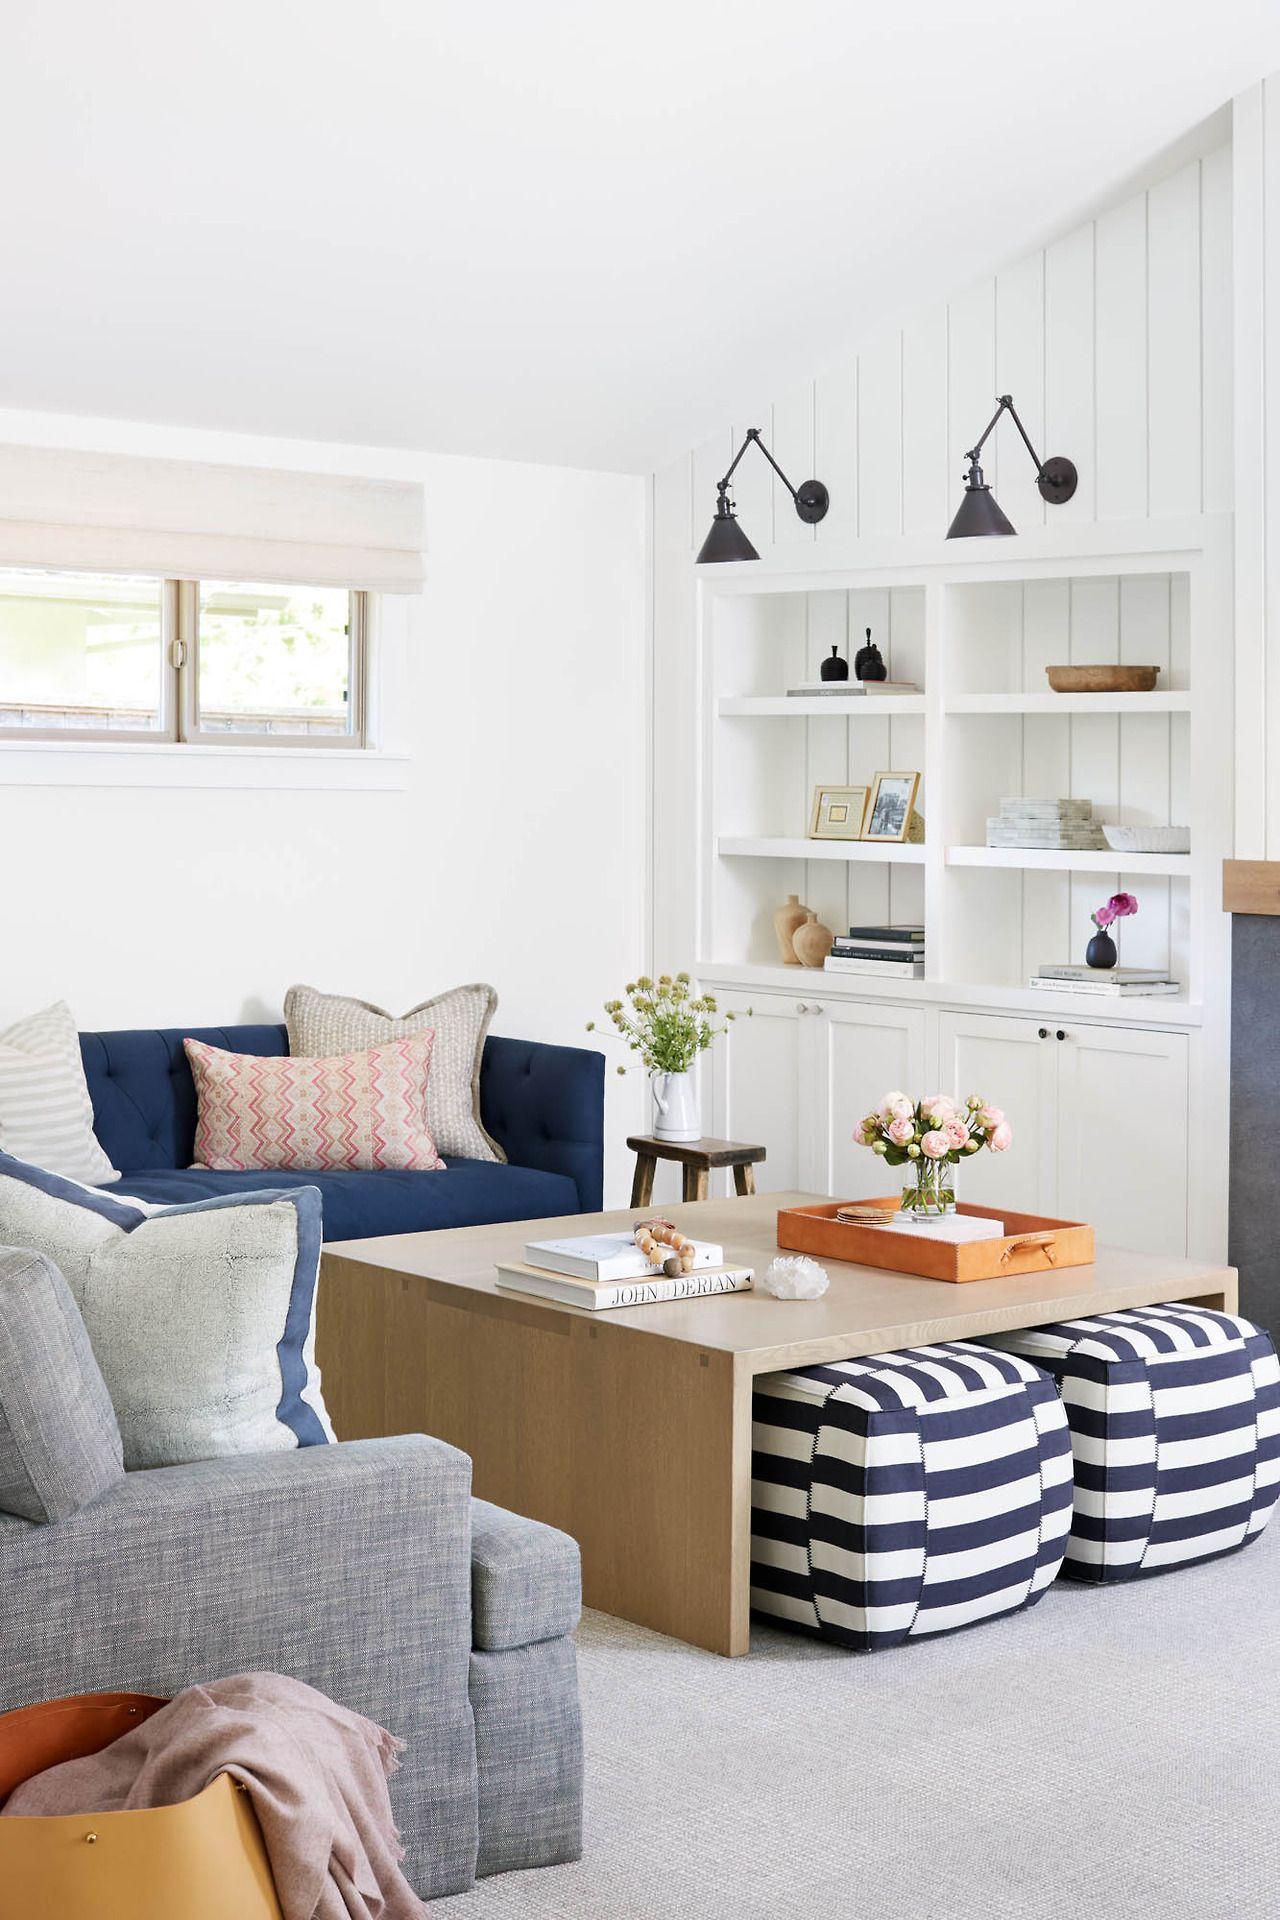 untitled tumblr pinterest dekoration wohnzimmer dekoration rh pinterest at